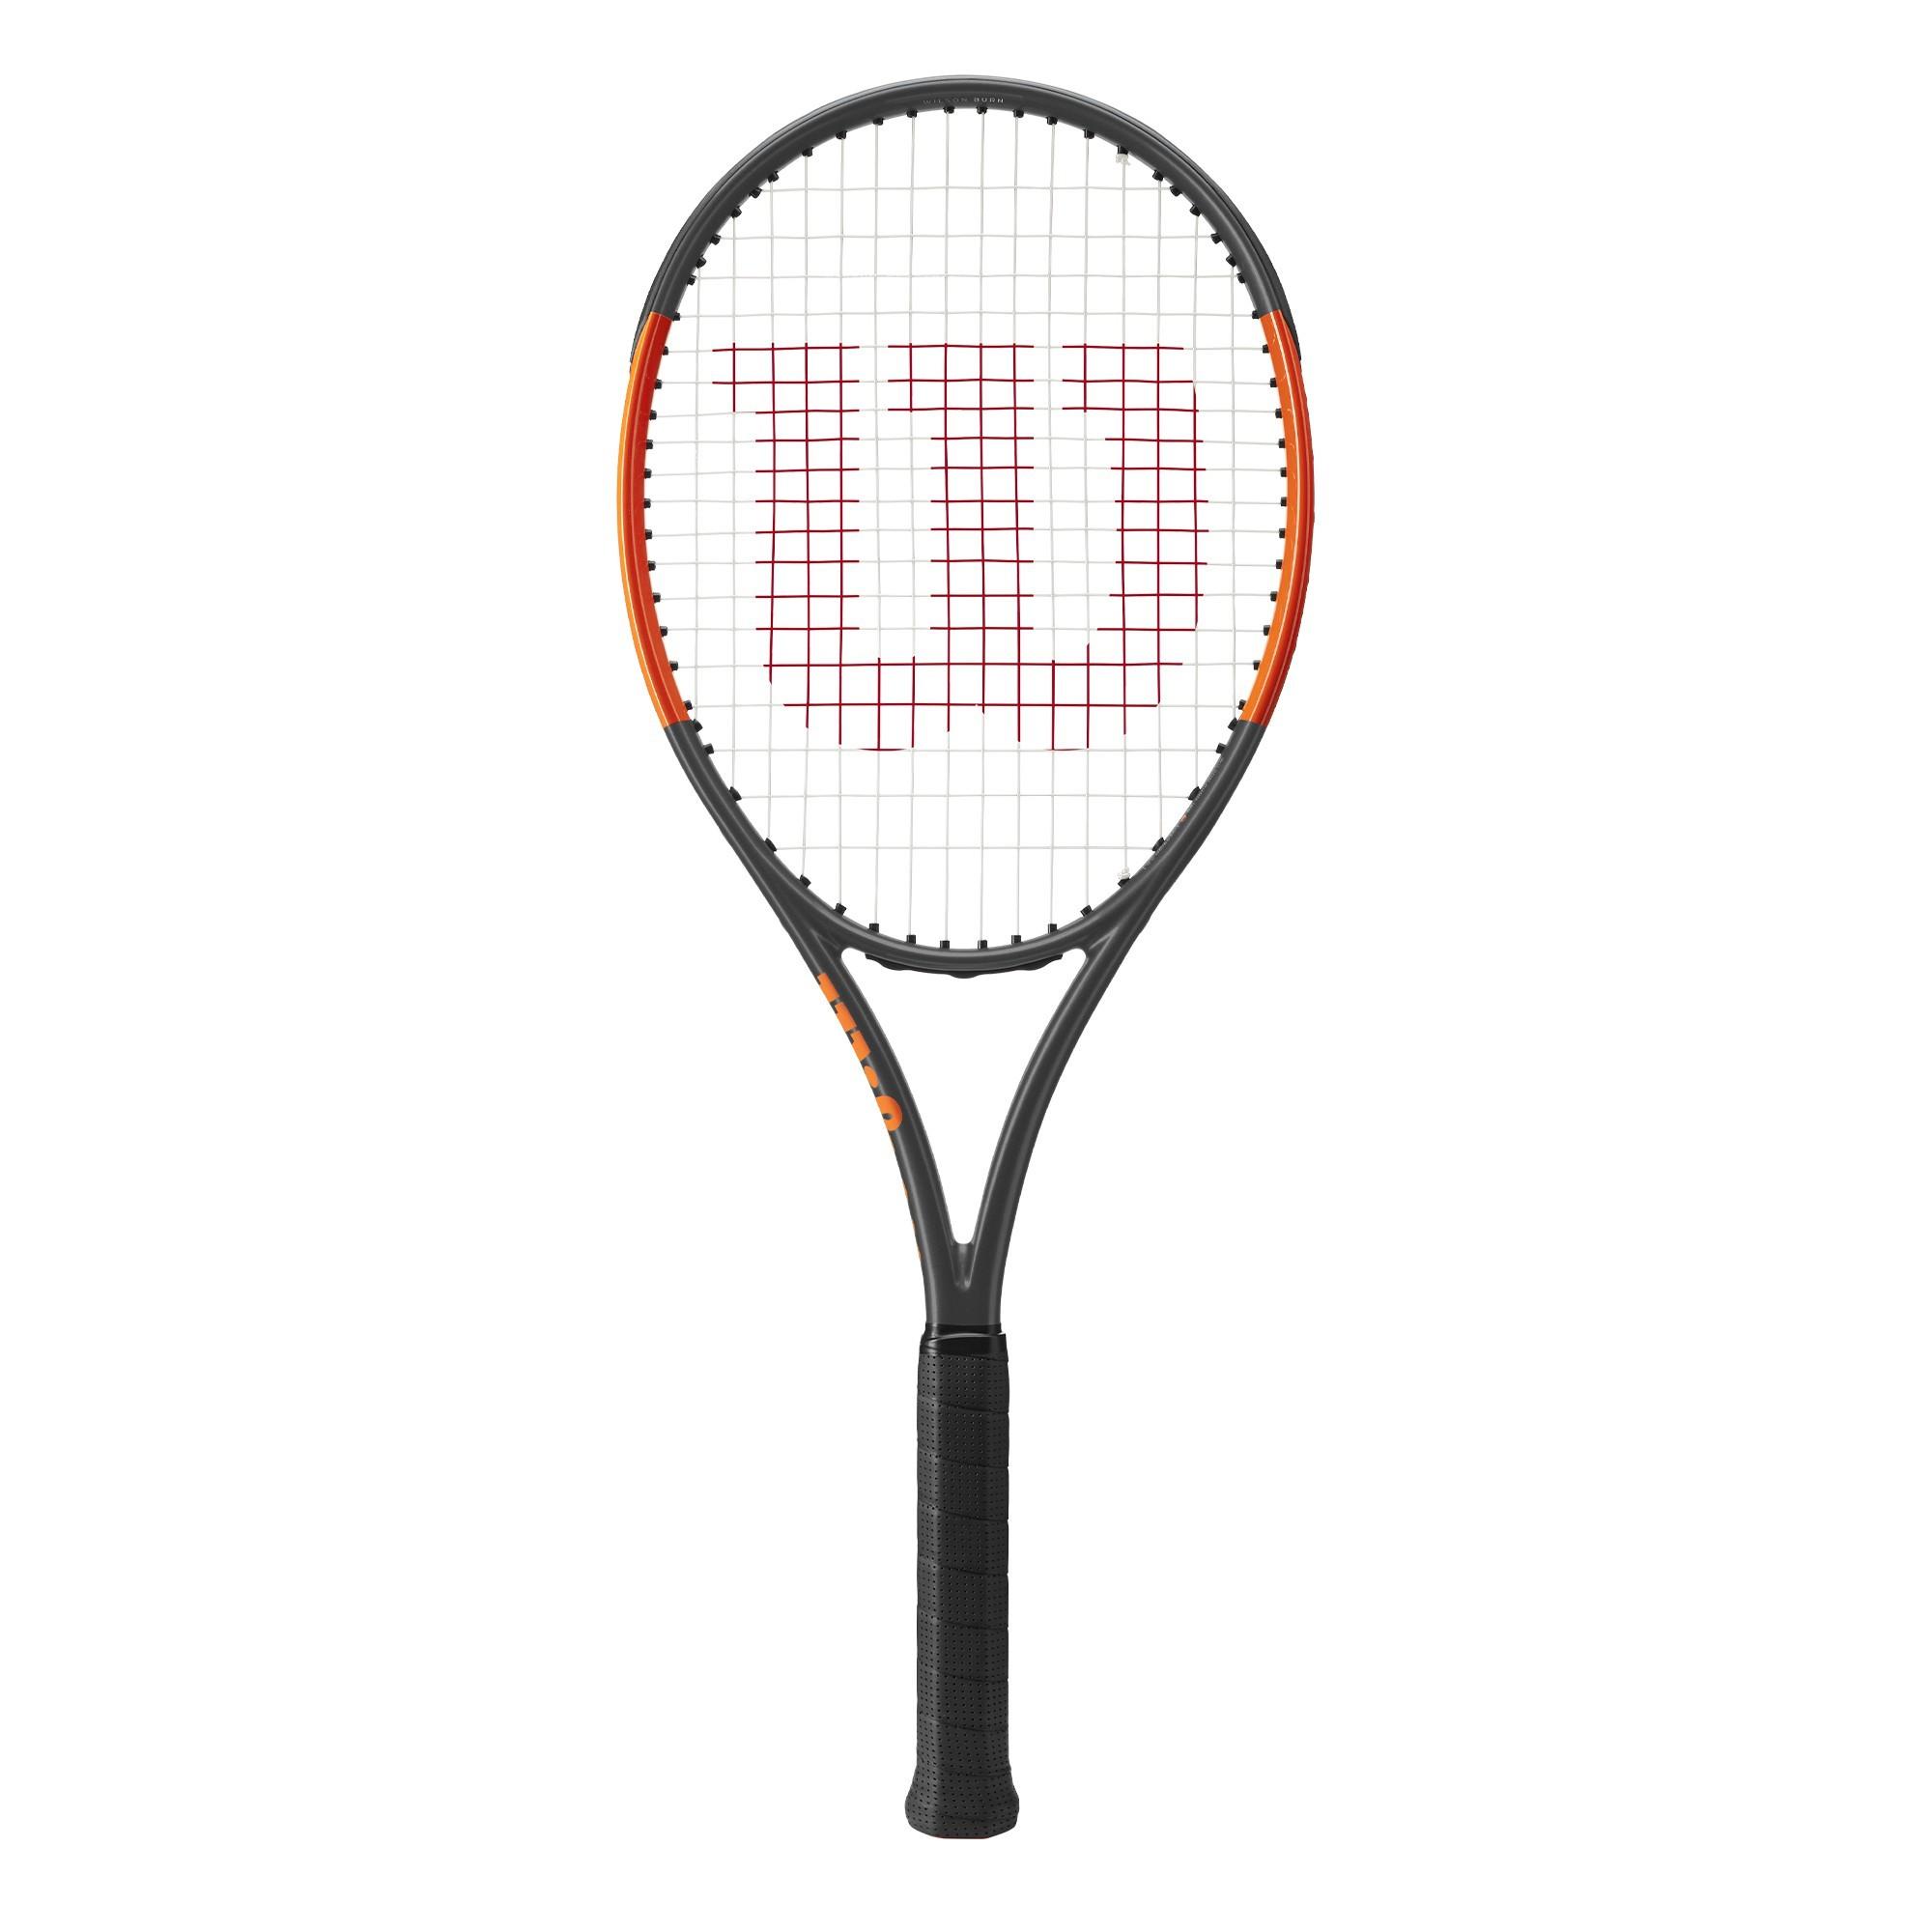 Rakieta tenisowa Wilson Burn 100 Countervail + naciąg Luxilon